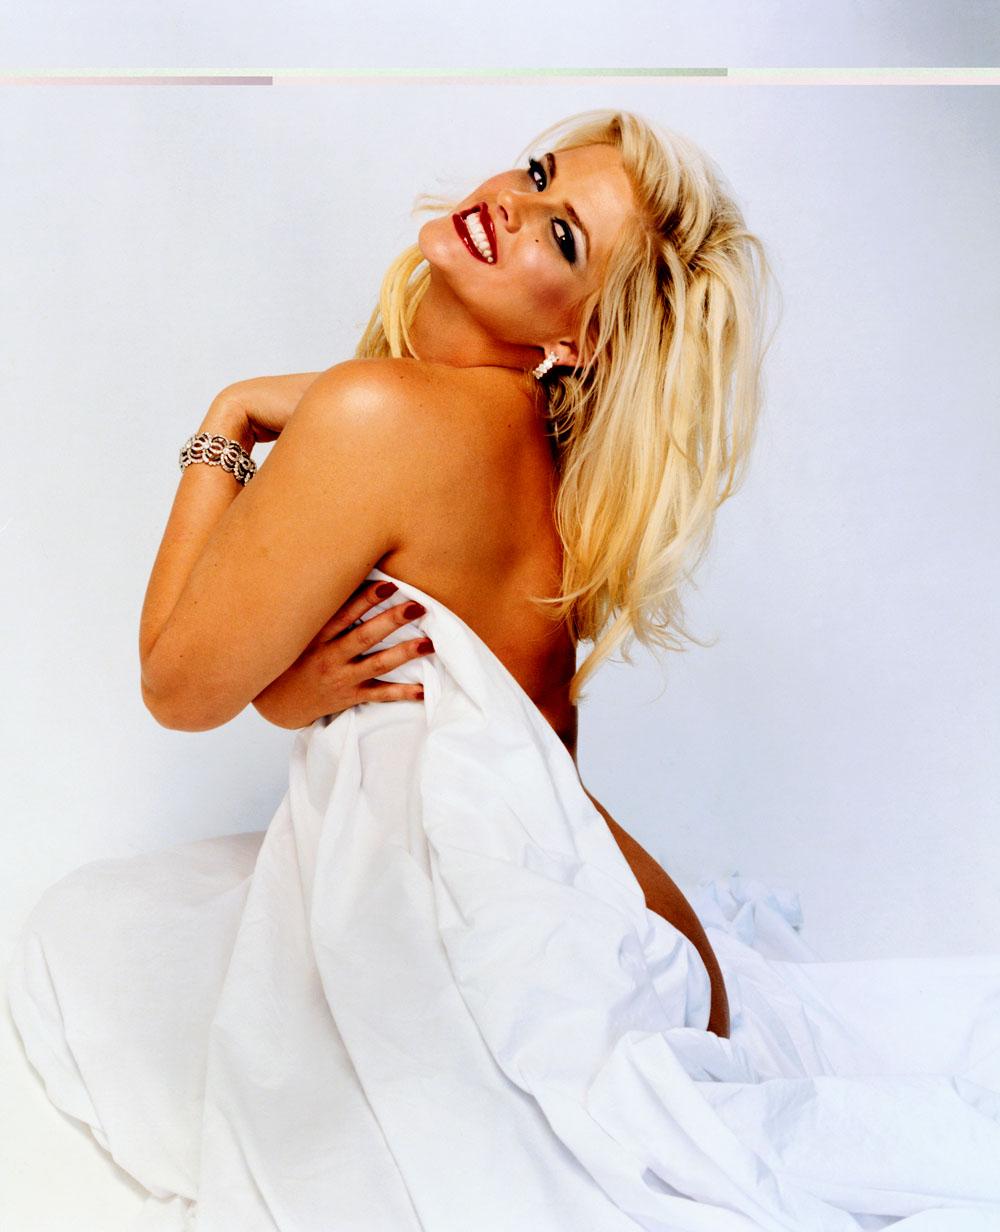 naked wwe superstar sex